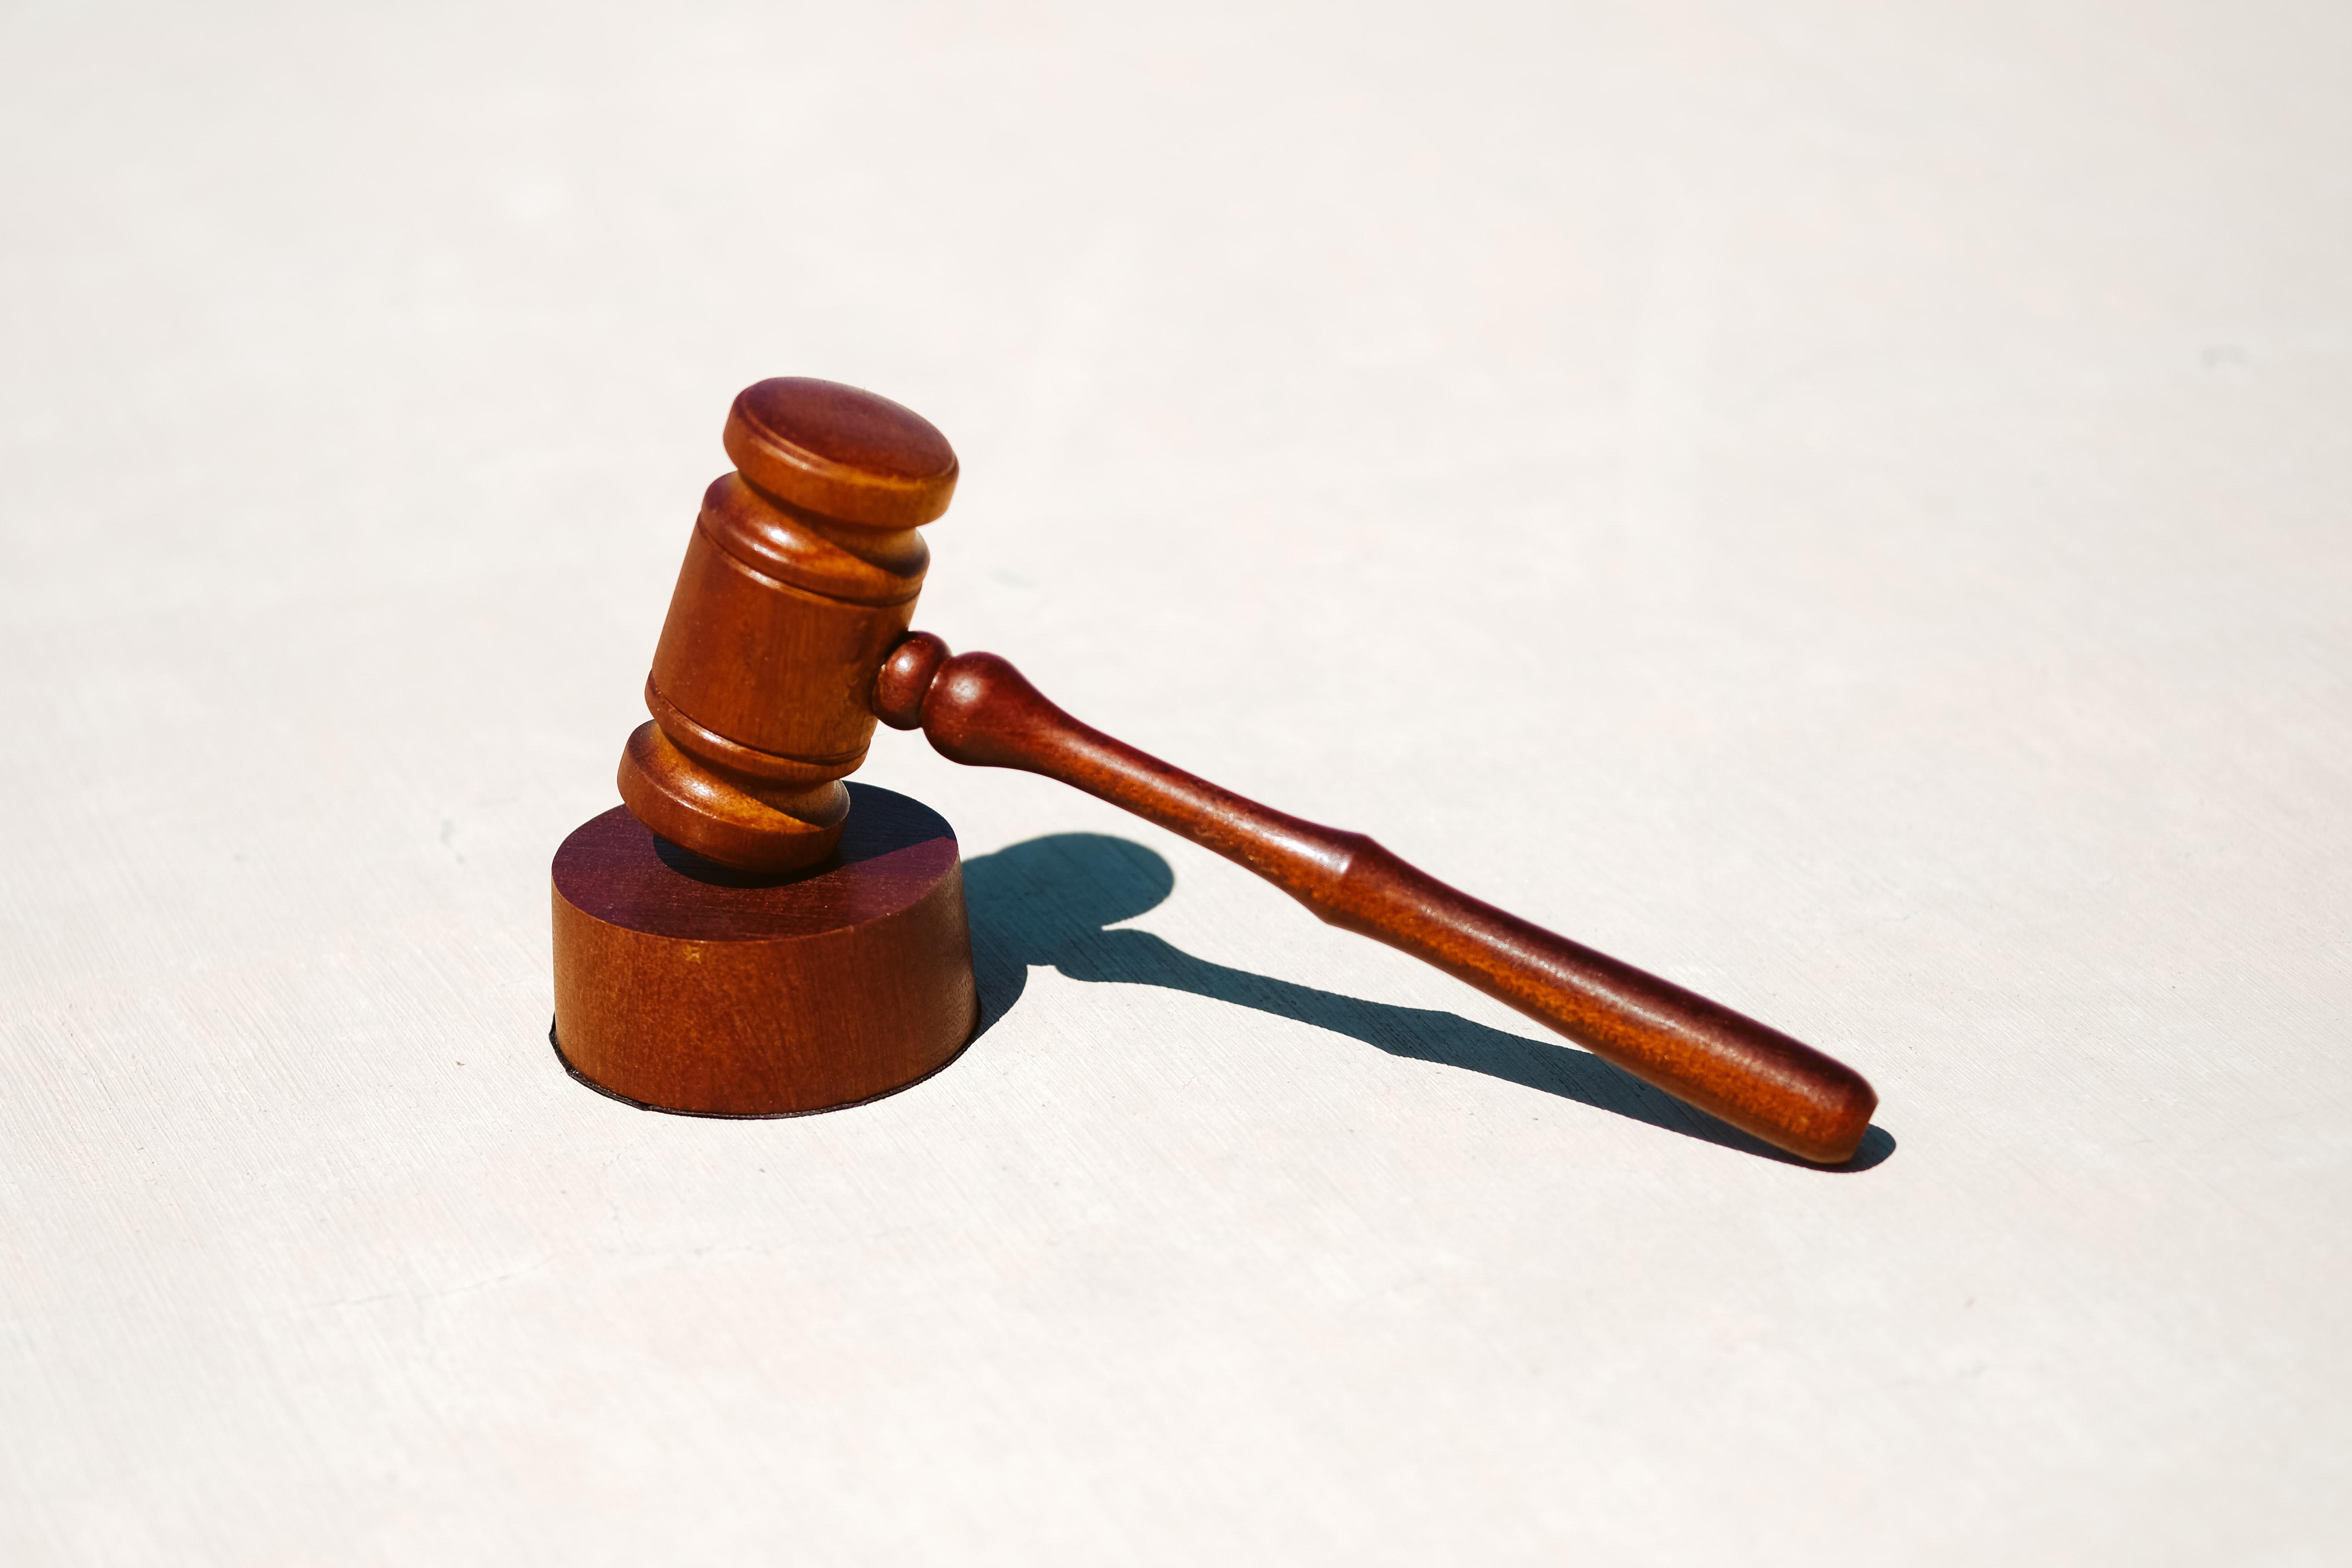 Imagem com um martelo representando o curso de Direito